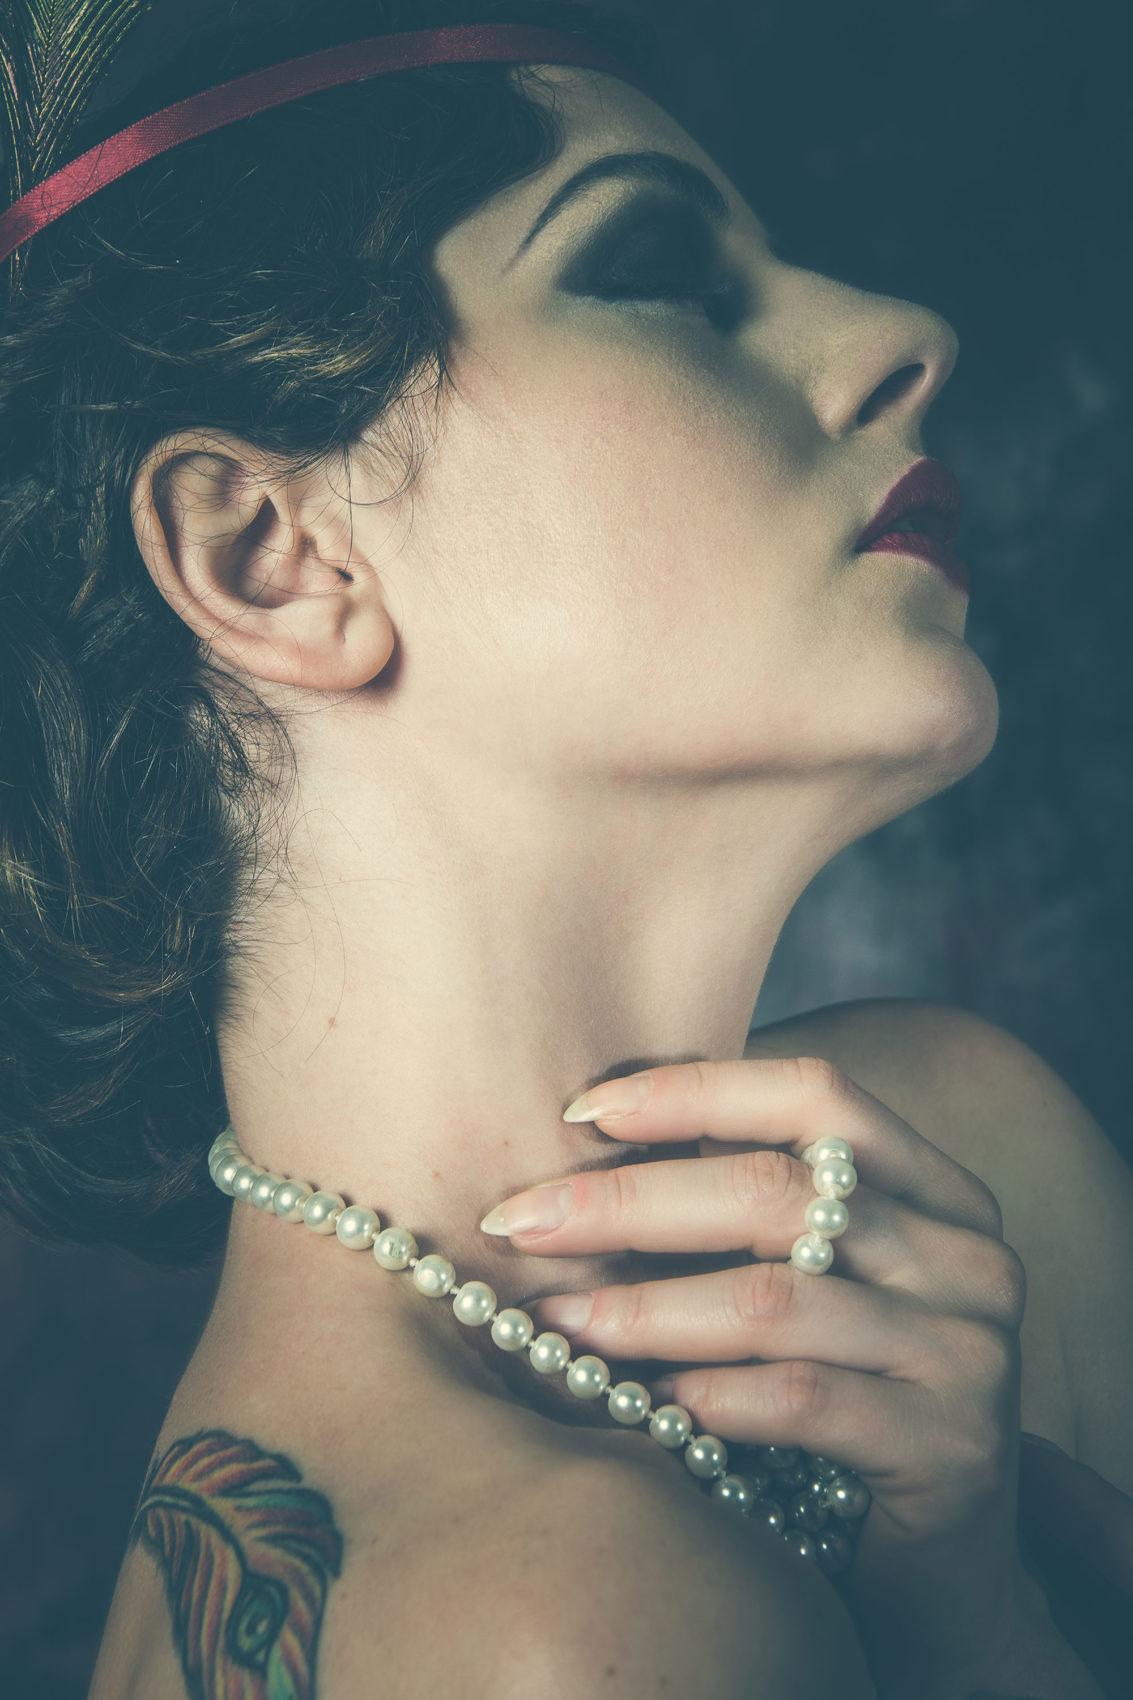 Jessica Frascarelli con collana di perle e una mano sul collo